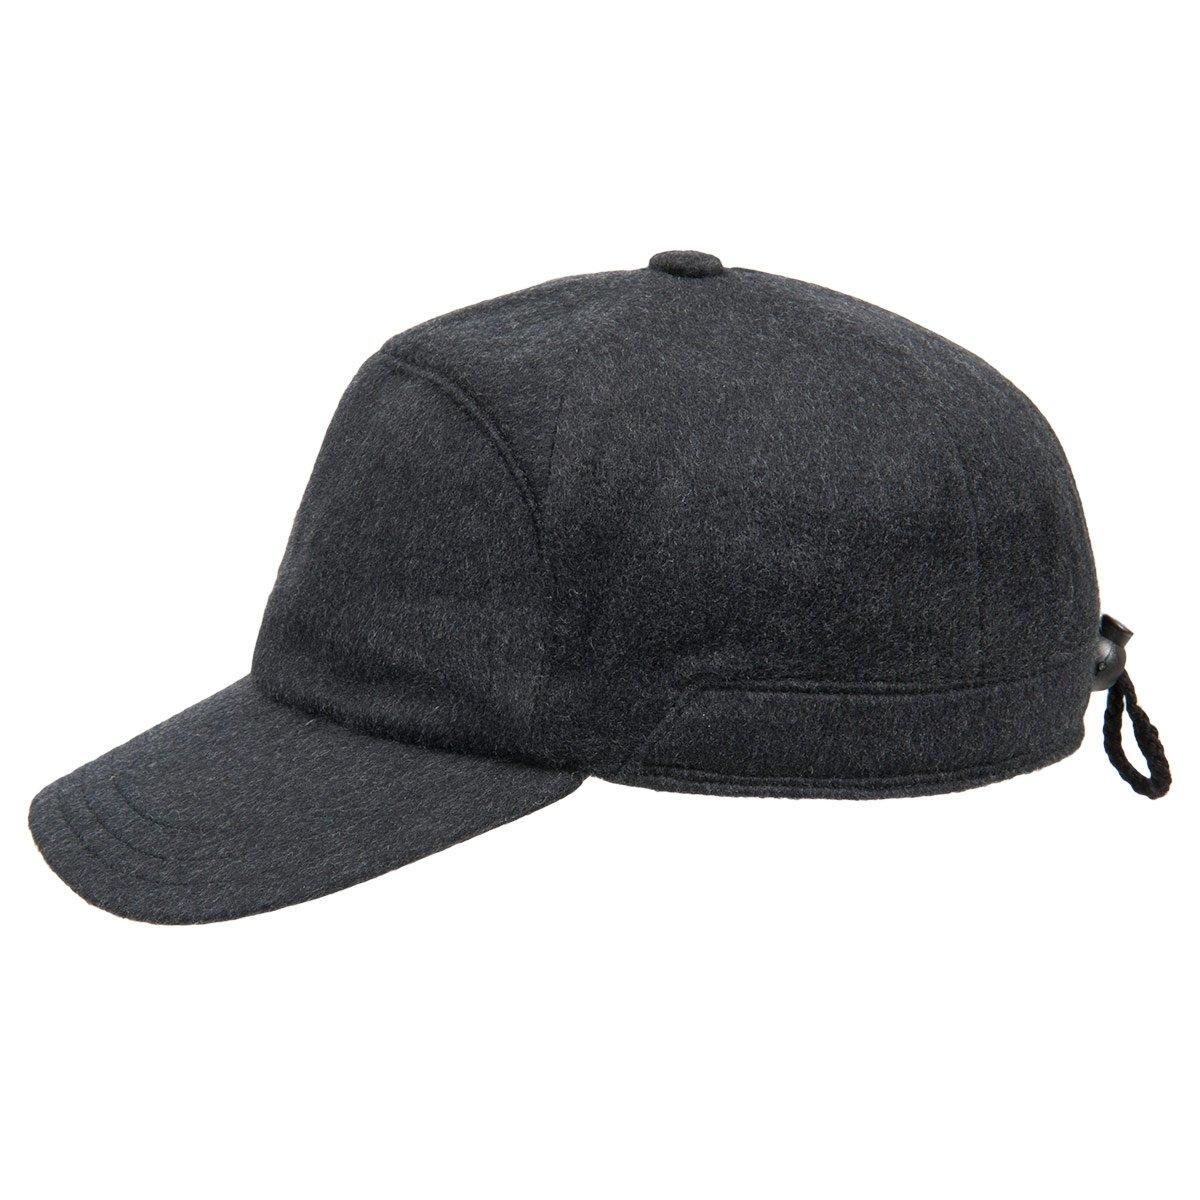 berretto visiera con paraorecchie in cashmere ... 5f49a6876031